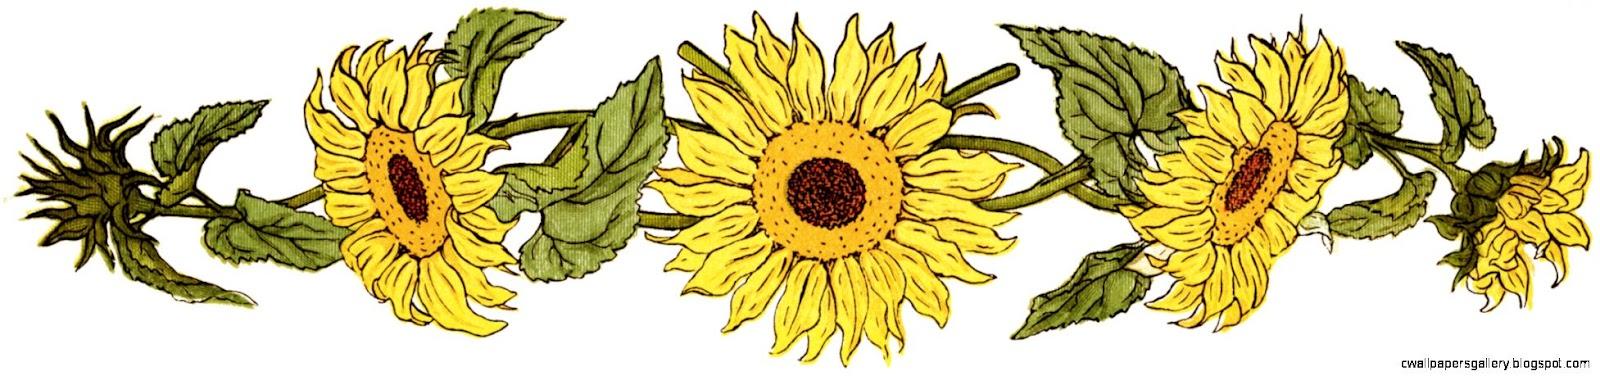 Flower Sunflower Clipart Free Printable Sunflower Sunflower